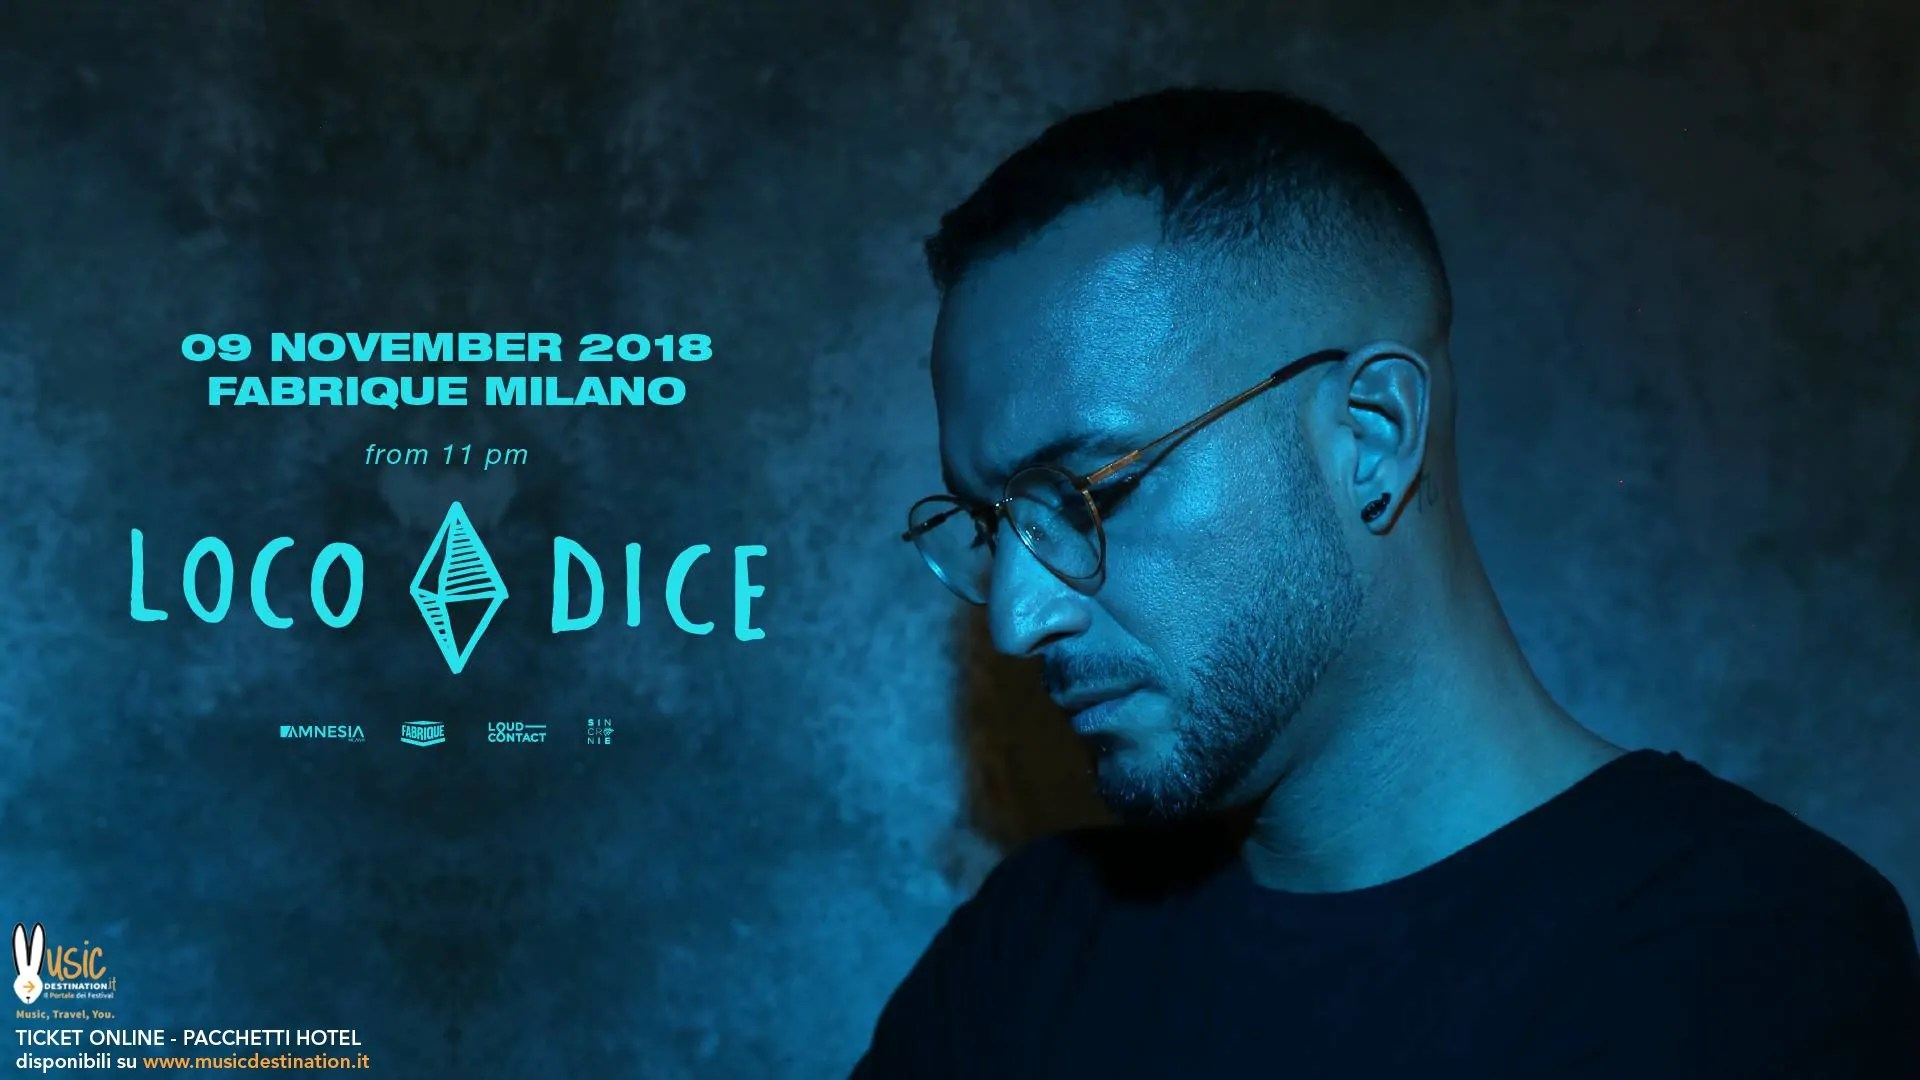 Loco Dice at Fabrique Milano – 09 Novembre 2019 | Ticket in prevendita Pacchetti hotel